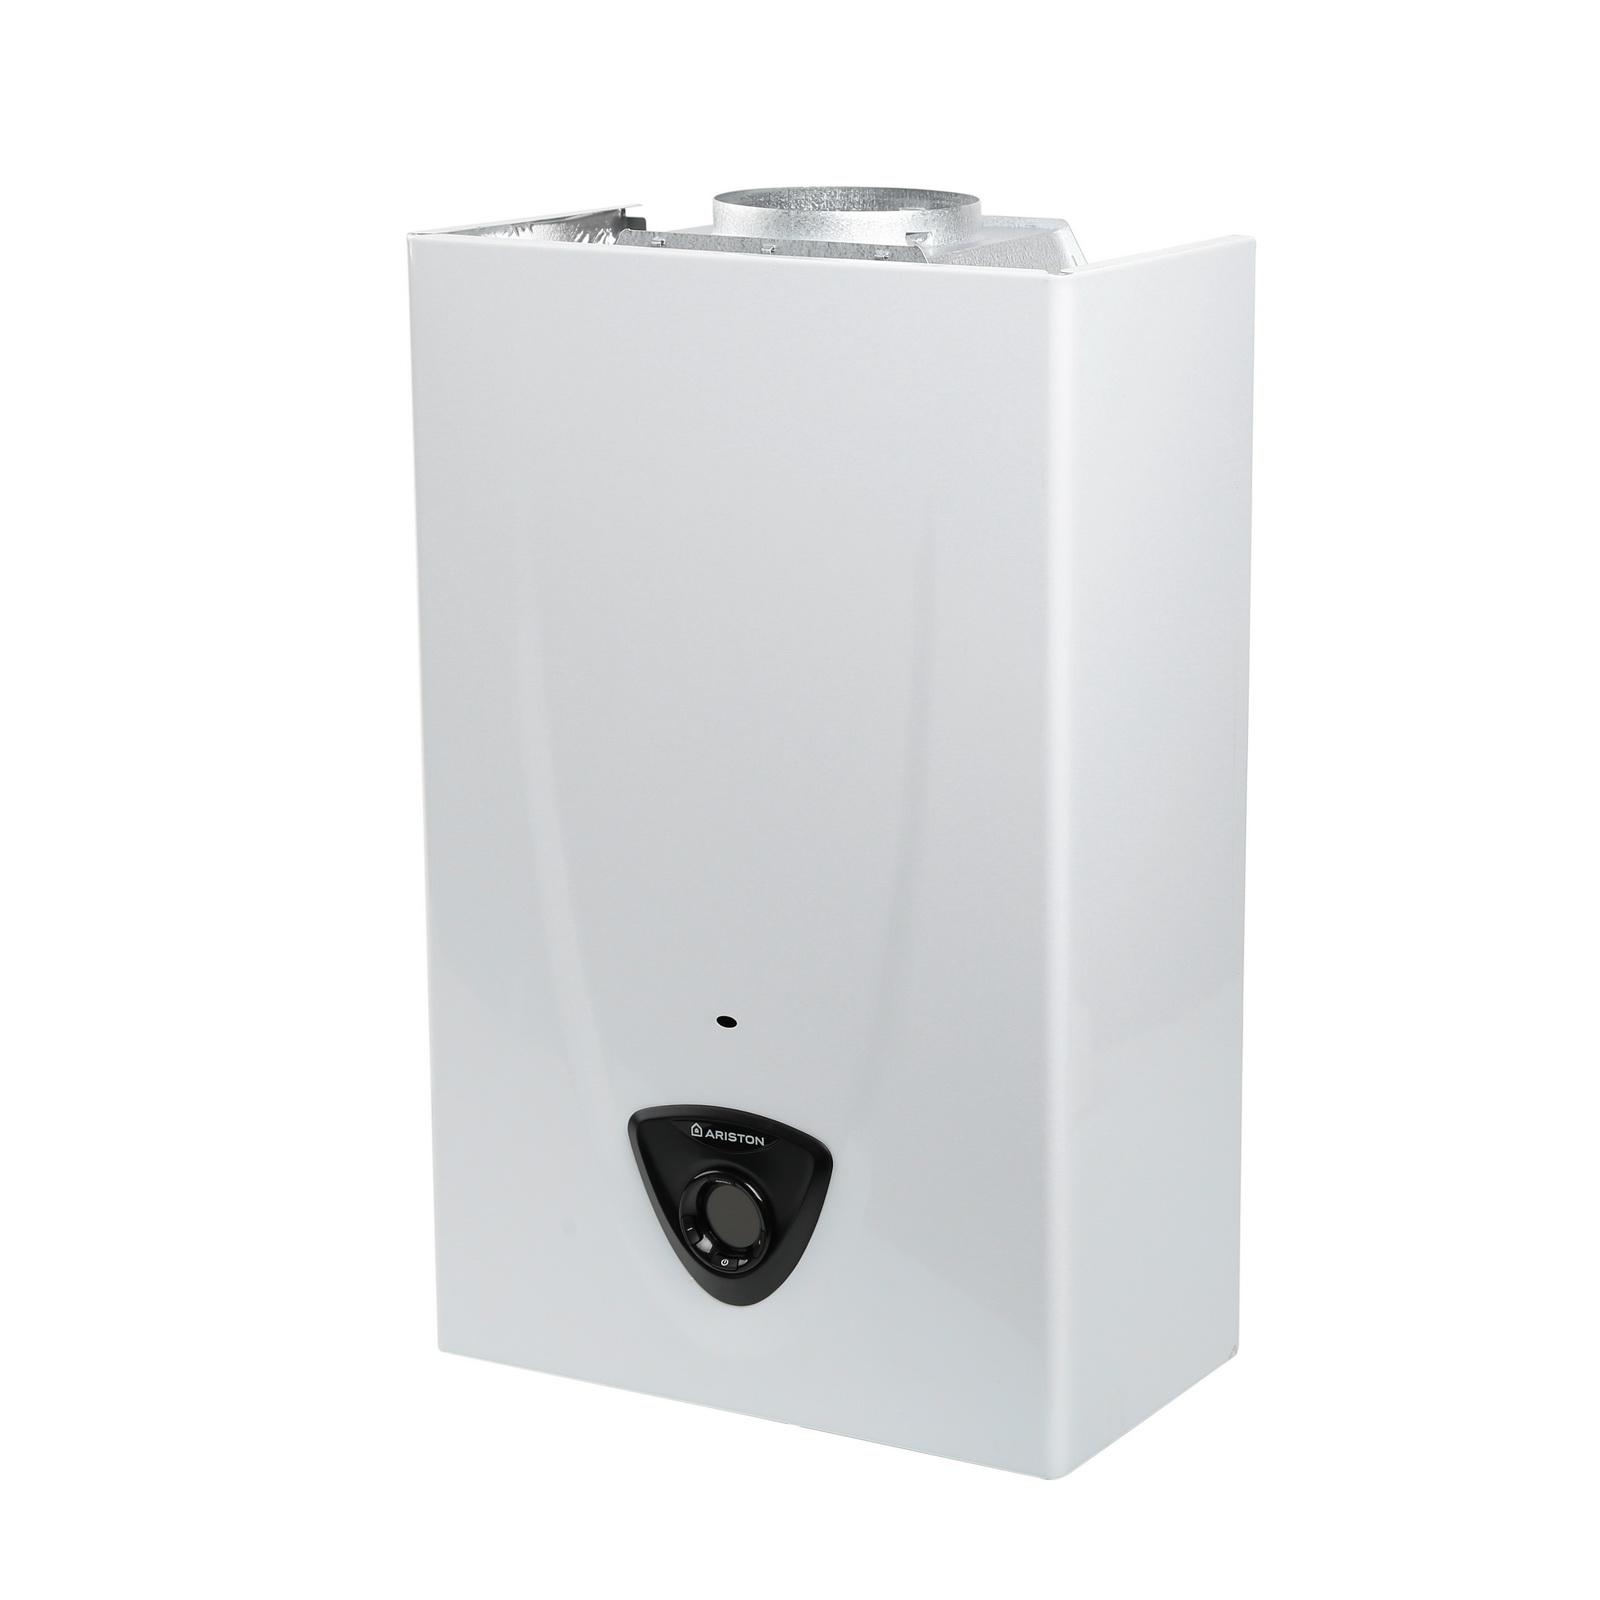 Газовый проточный водонагреватель Ariston